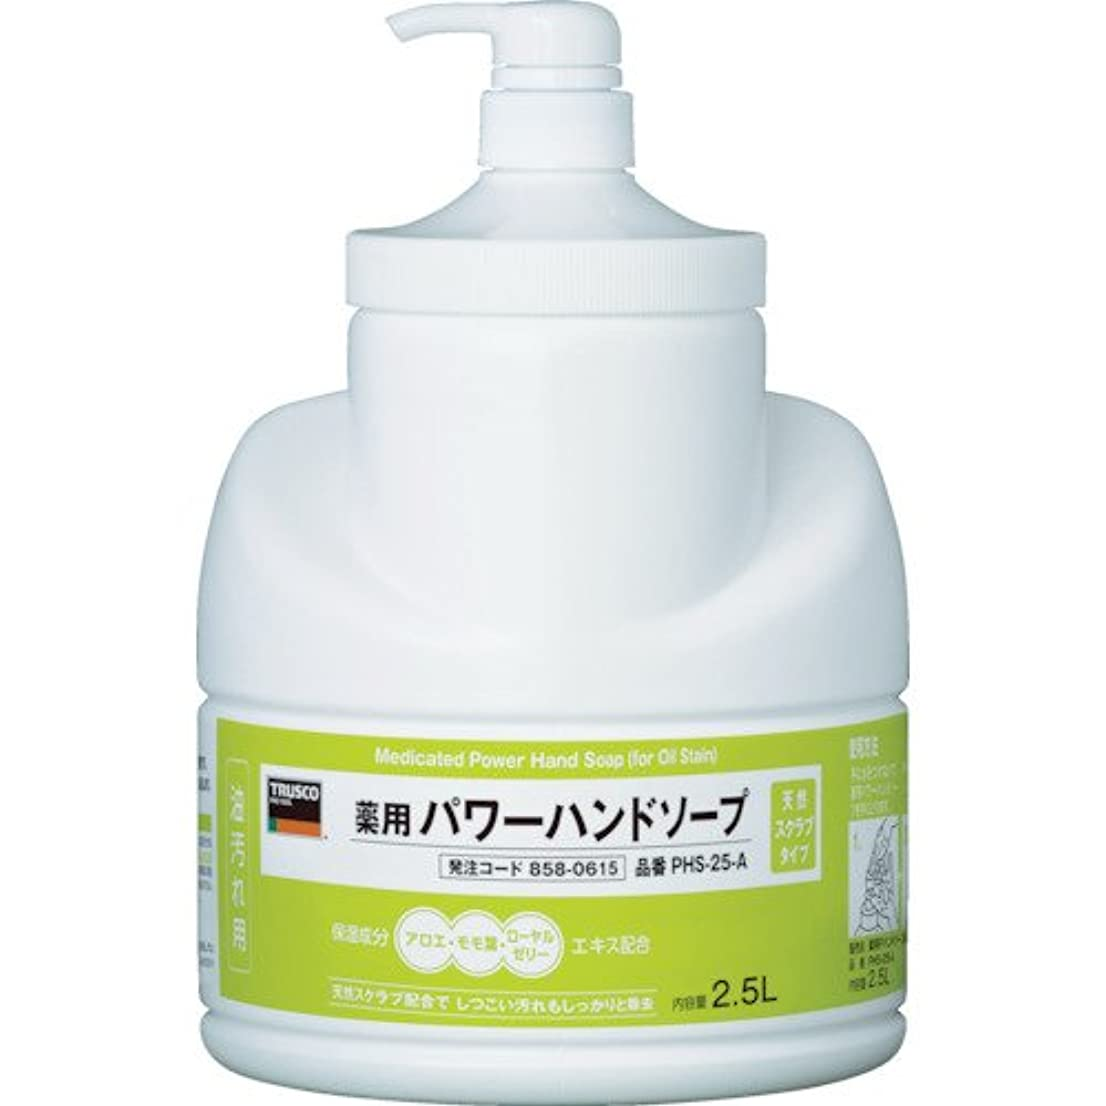 ペン底カバートラスコ中山 株 TRUSCO 薬用パワーハンドソープポンプボトル 2.5L PHS-25-A